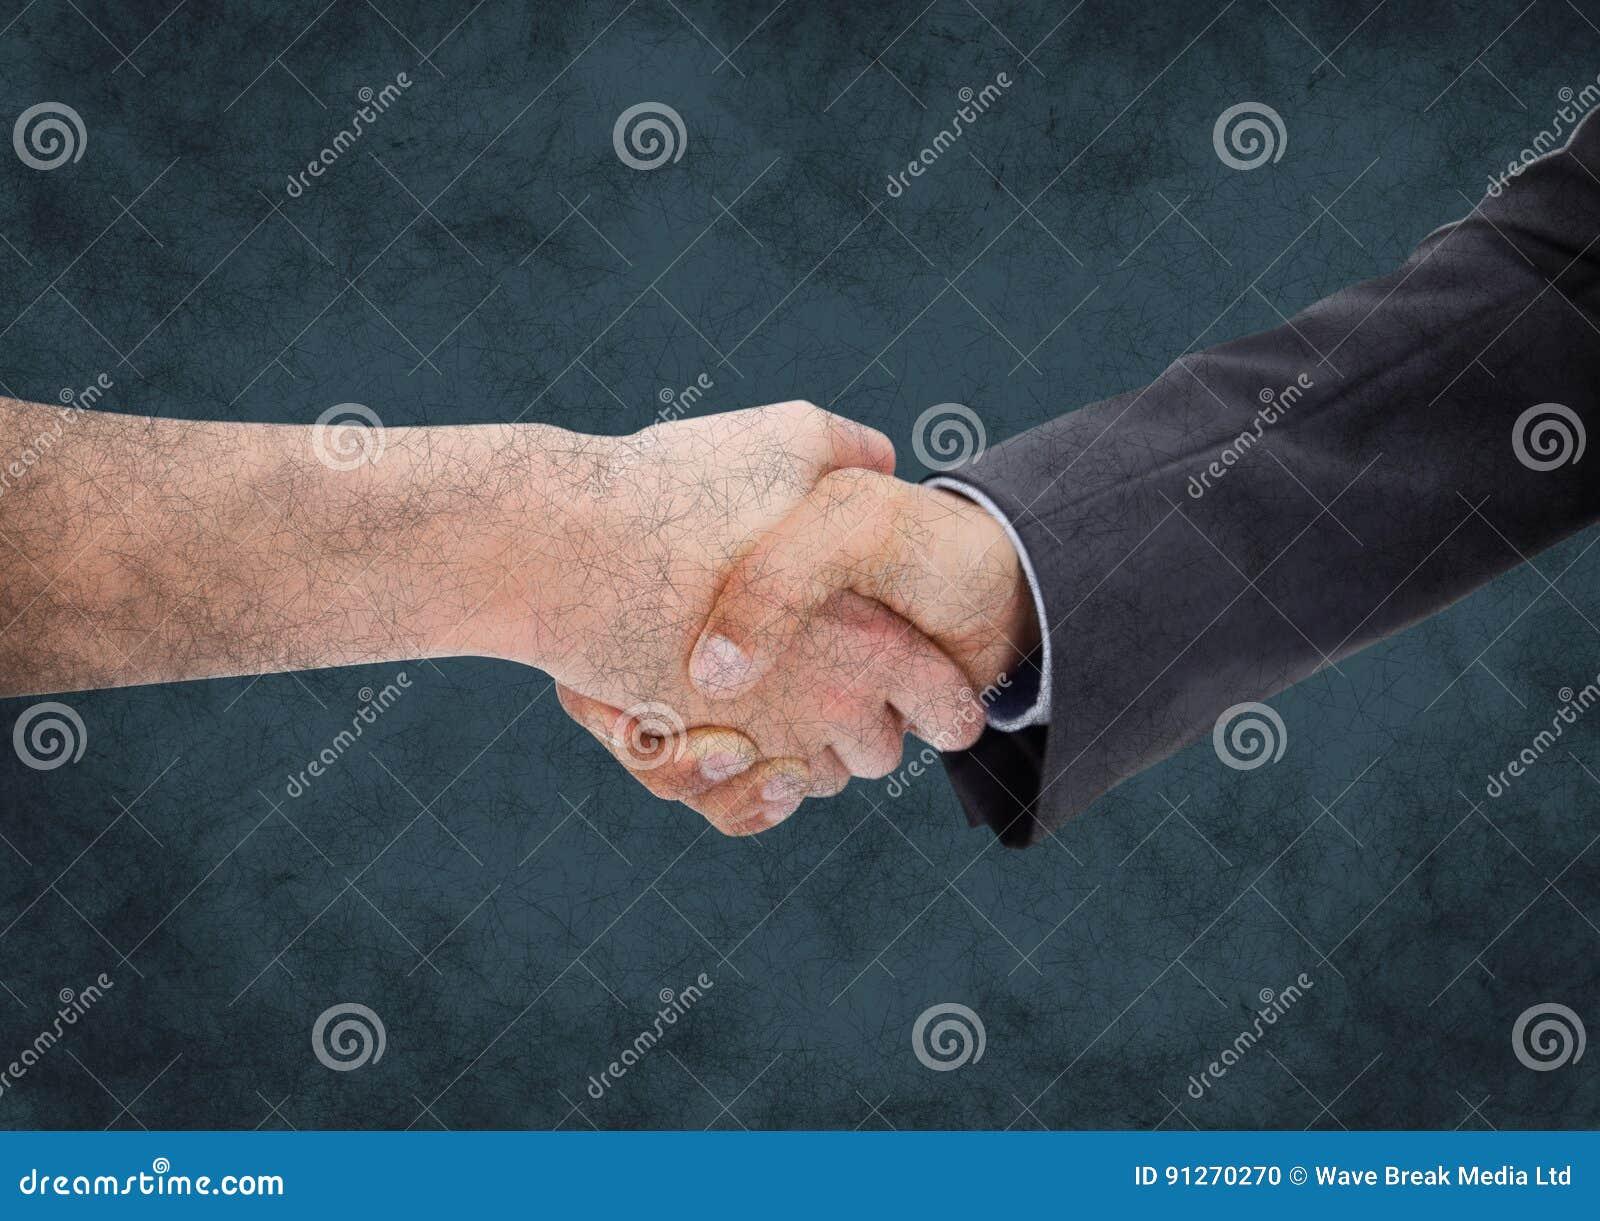 Handshake against dark blue grunge background